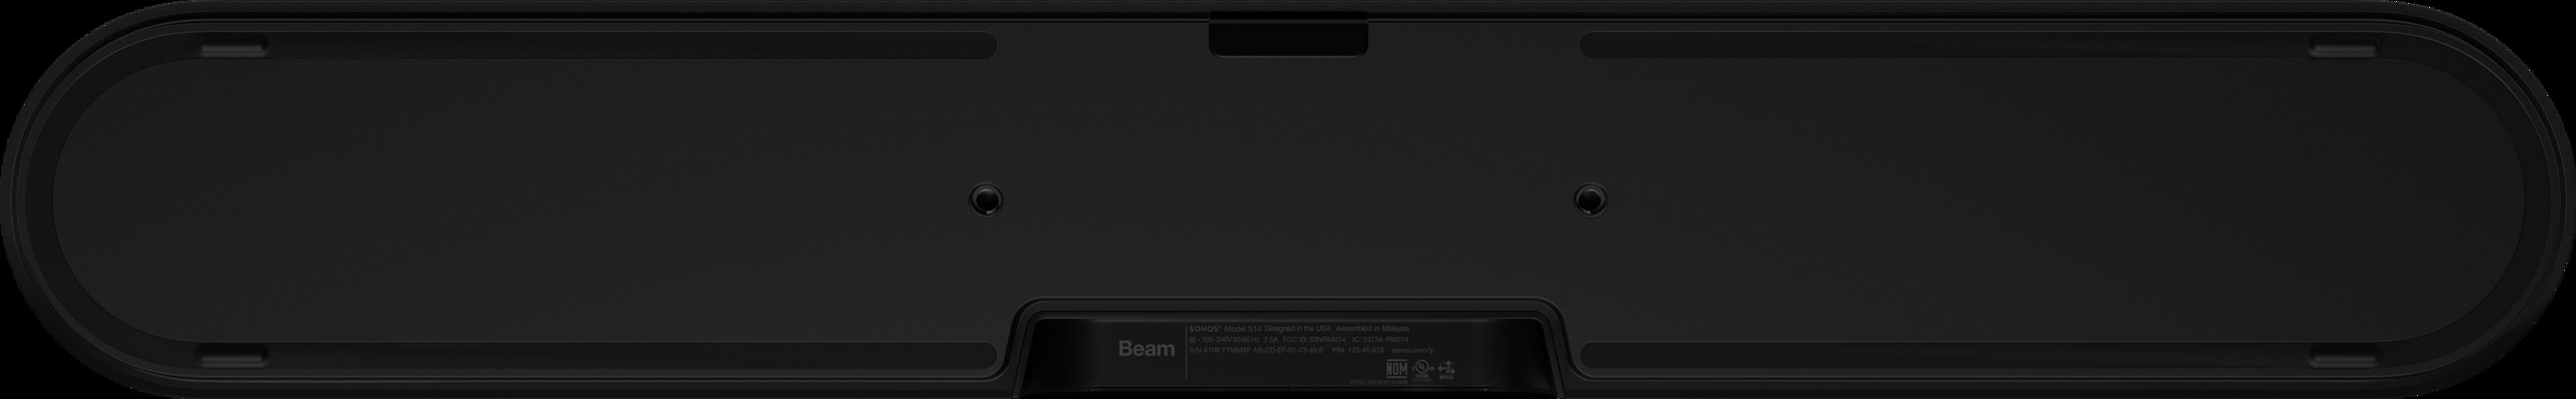 Vista inferior de Beam en negro